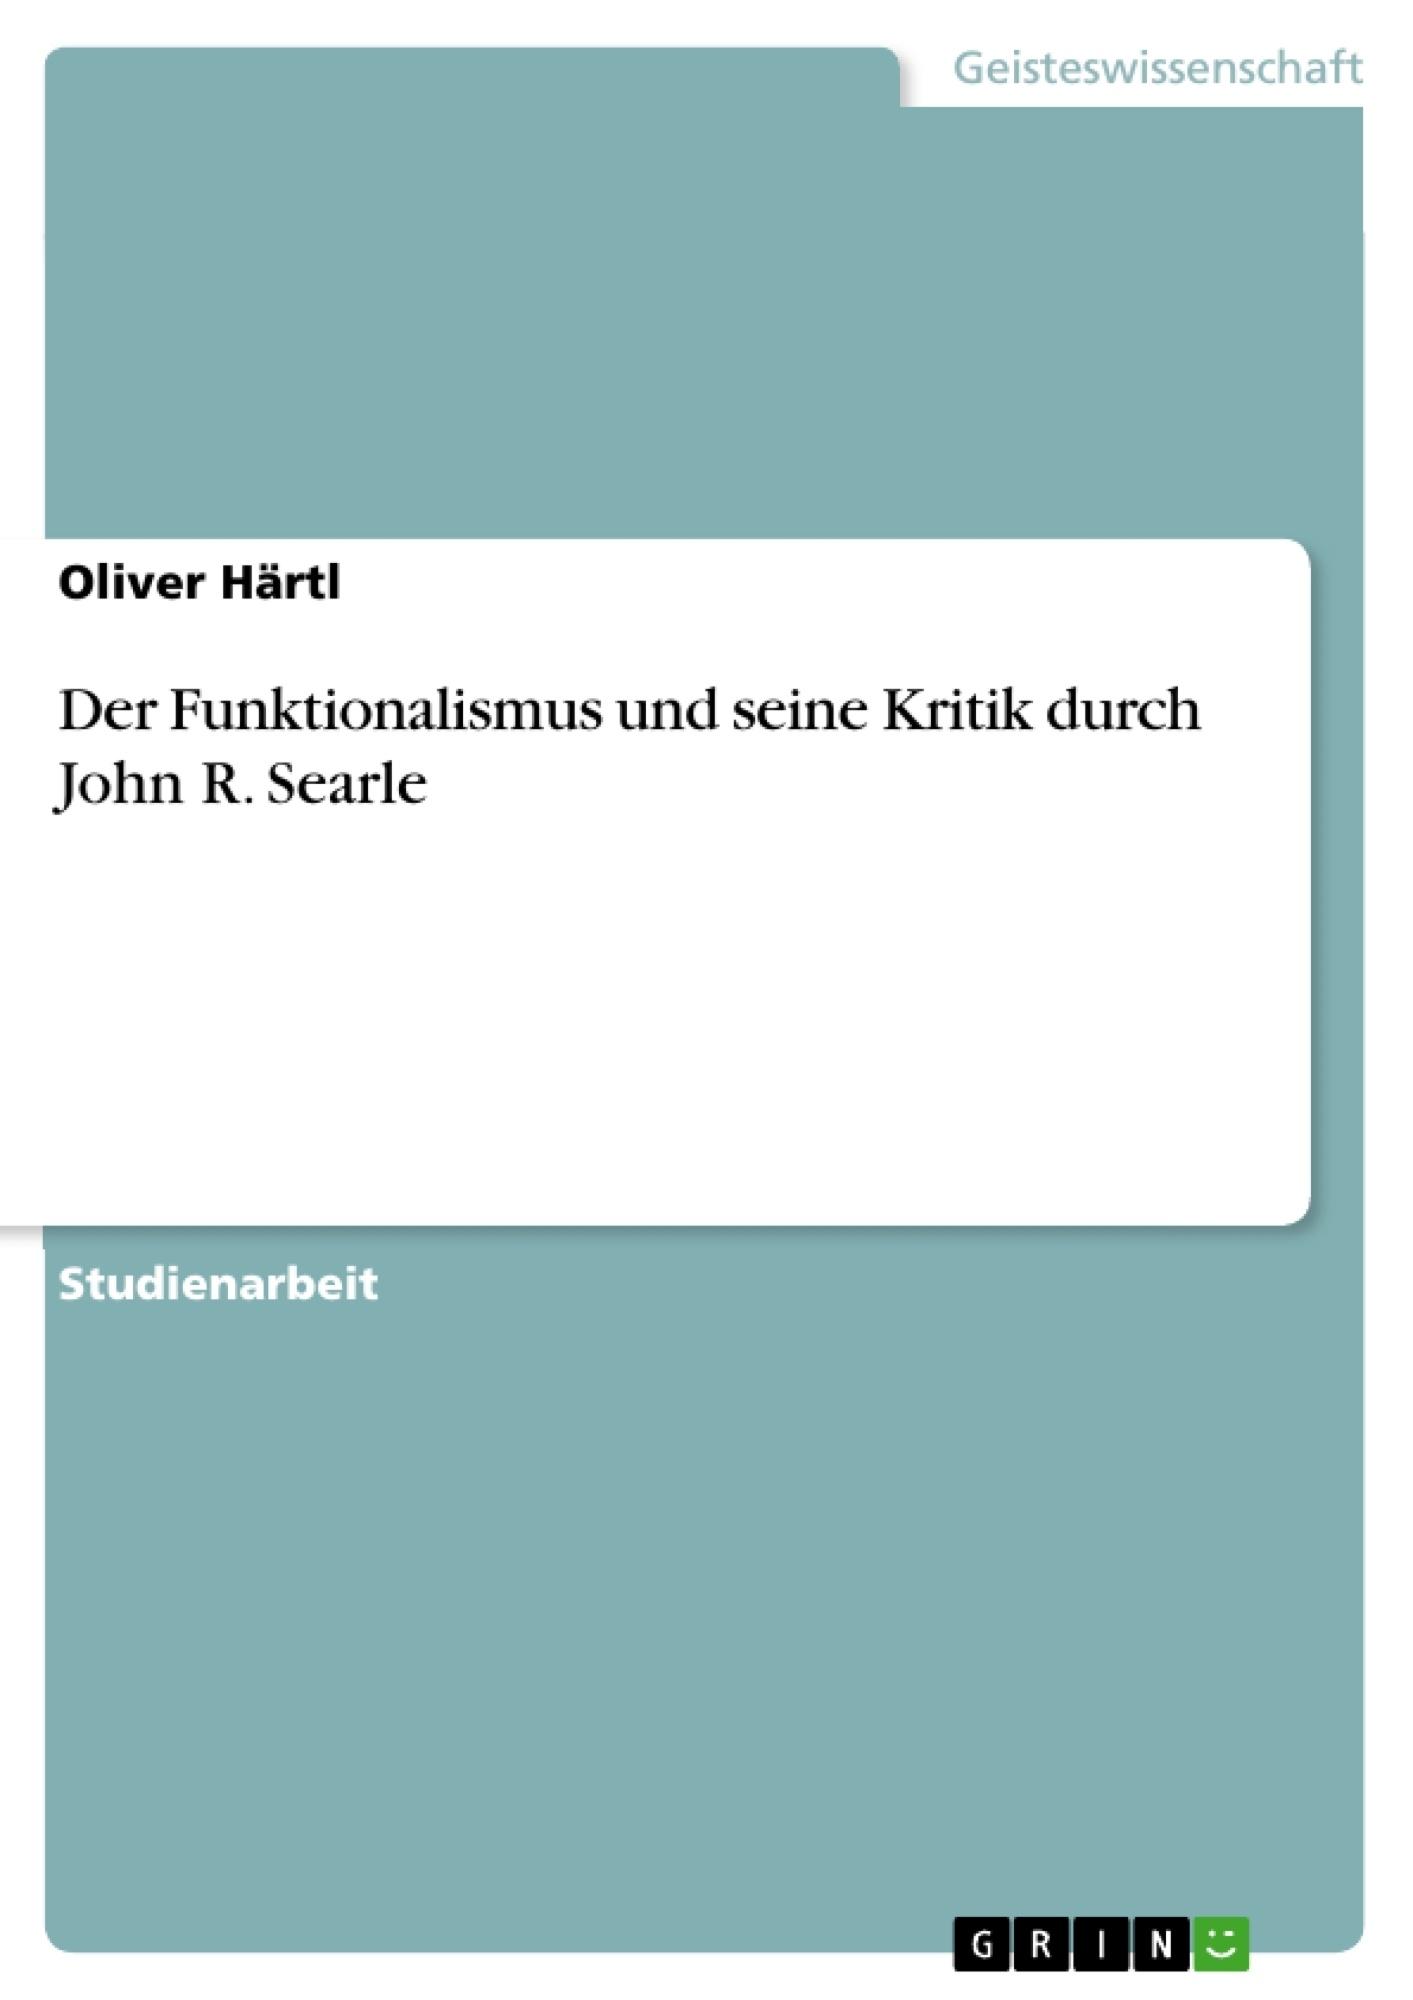 Titel: Der Funktionalismus und seine Kritik durch John R. Searle